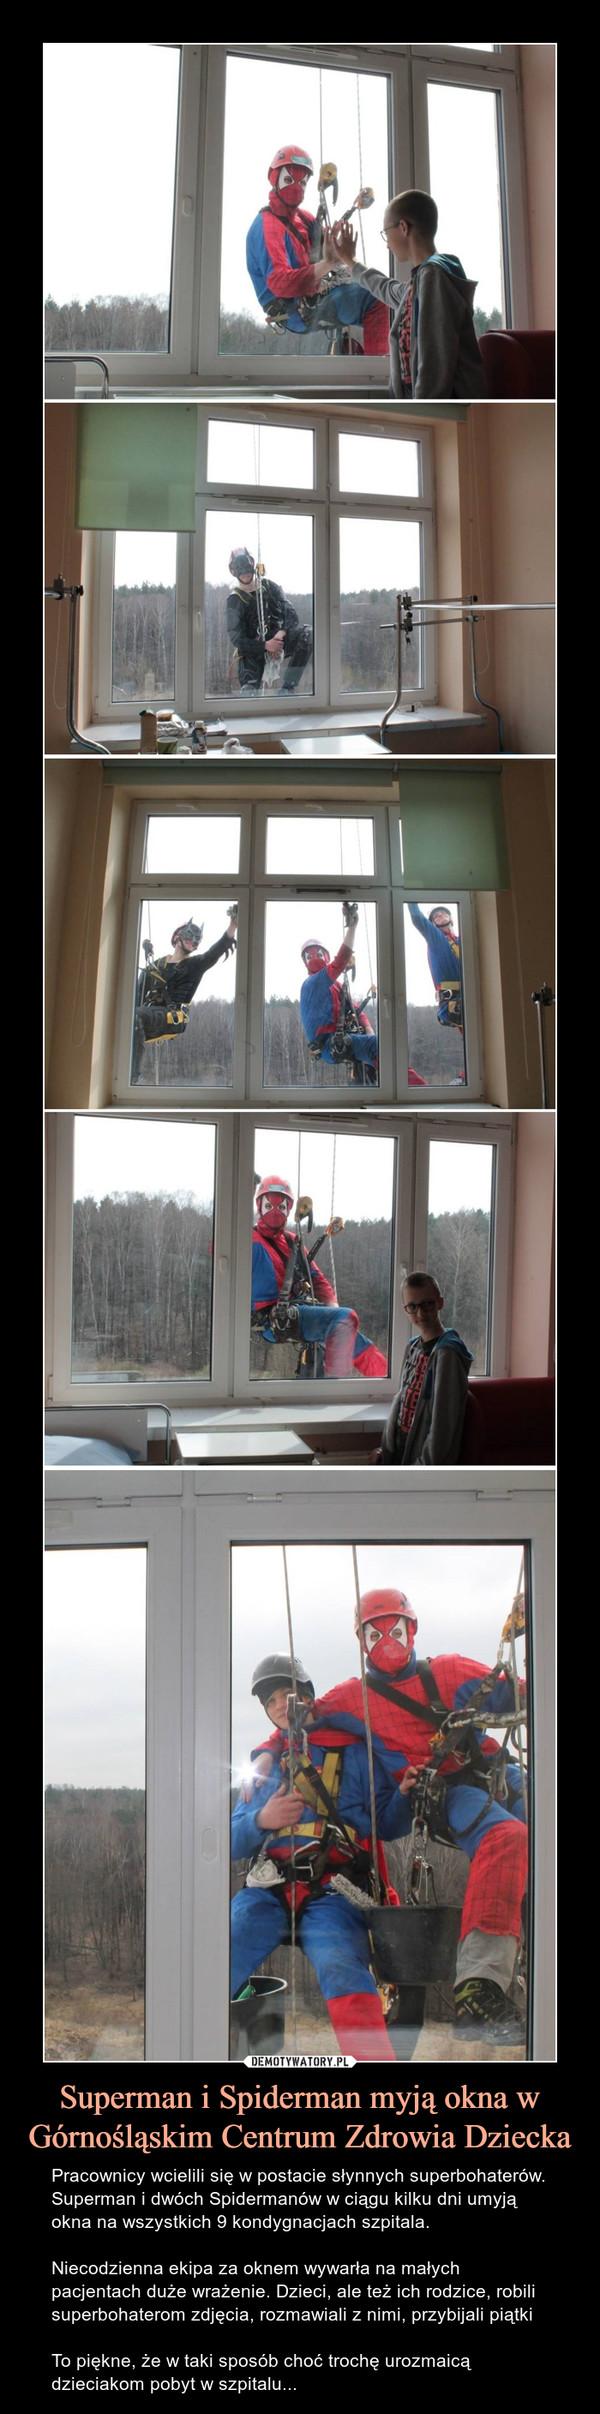 Superman i Spiderman myją okna w Górnośląskim Centrum Zdrowia Dziecka – Pracownicy wcielili się w postacie słynnych superbohaterów. Superman i dwóch Spidermanów w ciągu kilku dni umyją okna na wszystkich 9 kondygnacjach szpitala.Niecodzienna ekipa za oknem wywarła na małych pacjentach duże wrażenie. Dzieci, ale też ich rodzice, robili superbohaterom zdjęcia, rozmawiali z nimi, przybijali piątkiTo piękne, że w taki sposób choć trochę urozmaicą  dzieciakom pobyt w szpitalu...